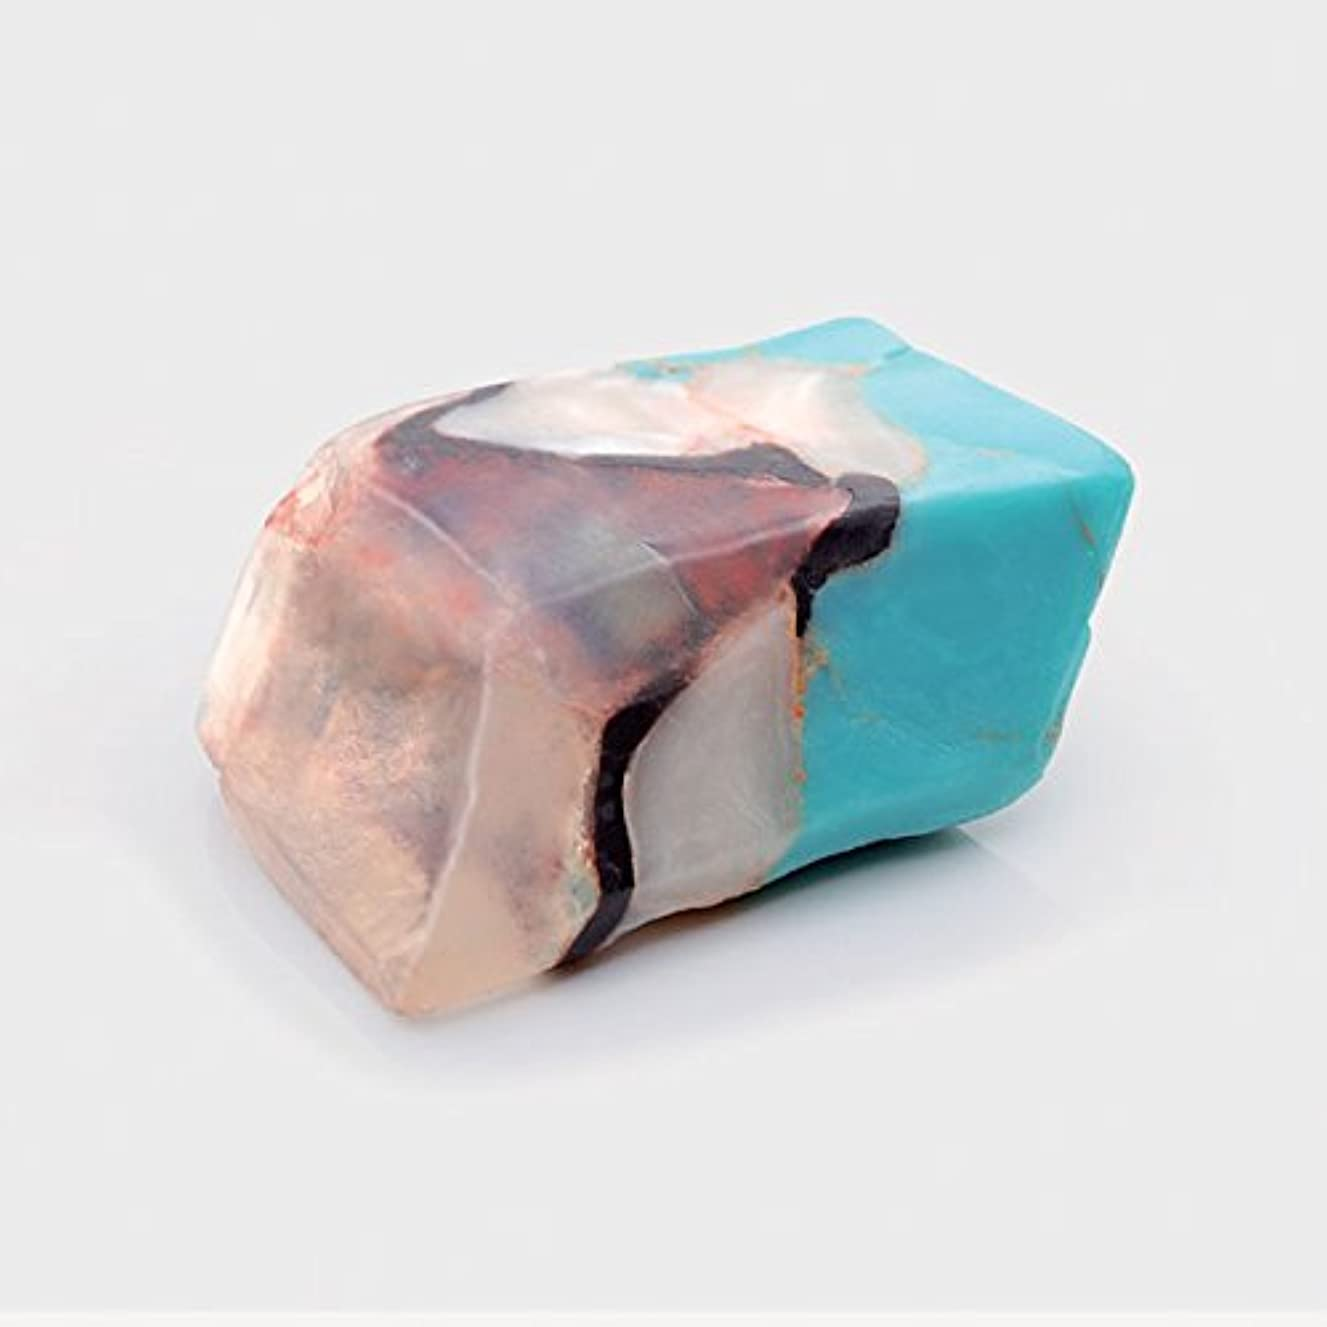 駐地シャッター遠足Savons Gemme サボンジェム 世界で一番美しい宝石石鹸 フレグランス ソープ ターコイズ ミニ ギフト【日本総代理店】